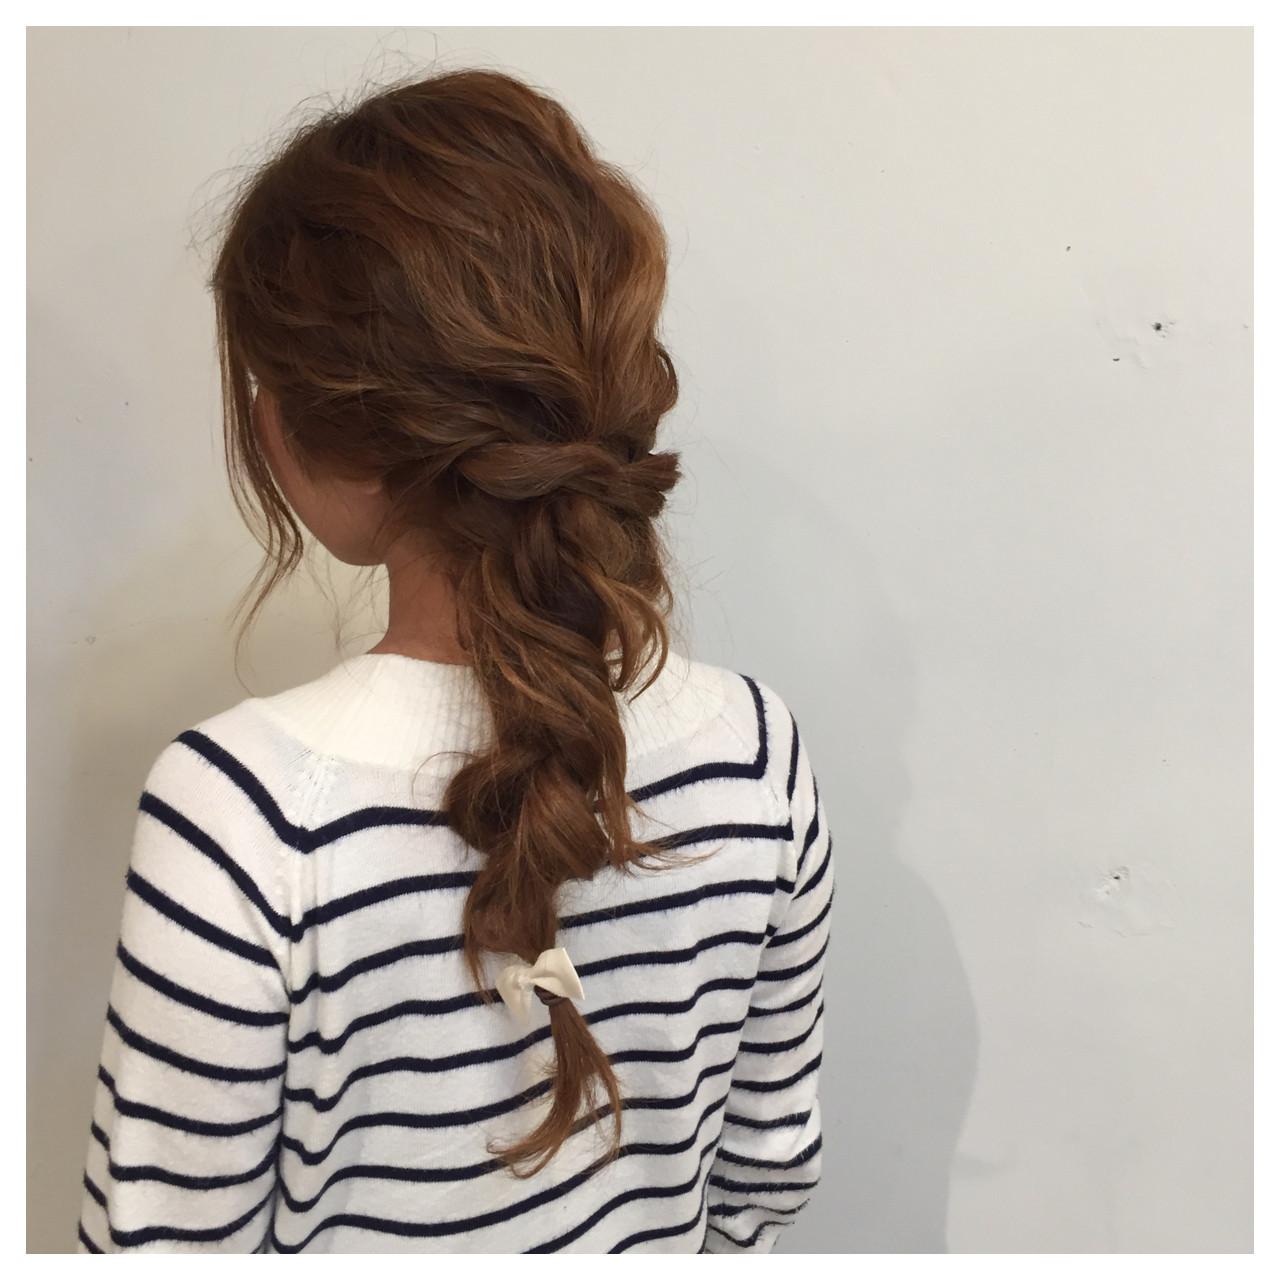 ポニーテール セミロング ヘアアレンジ 波ウェーブ ヘアスタイルや髪型の写真・画像